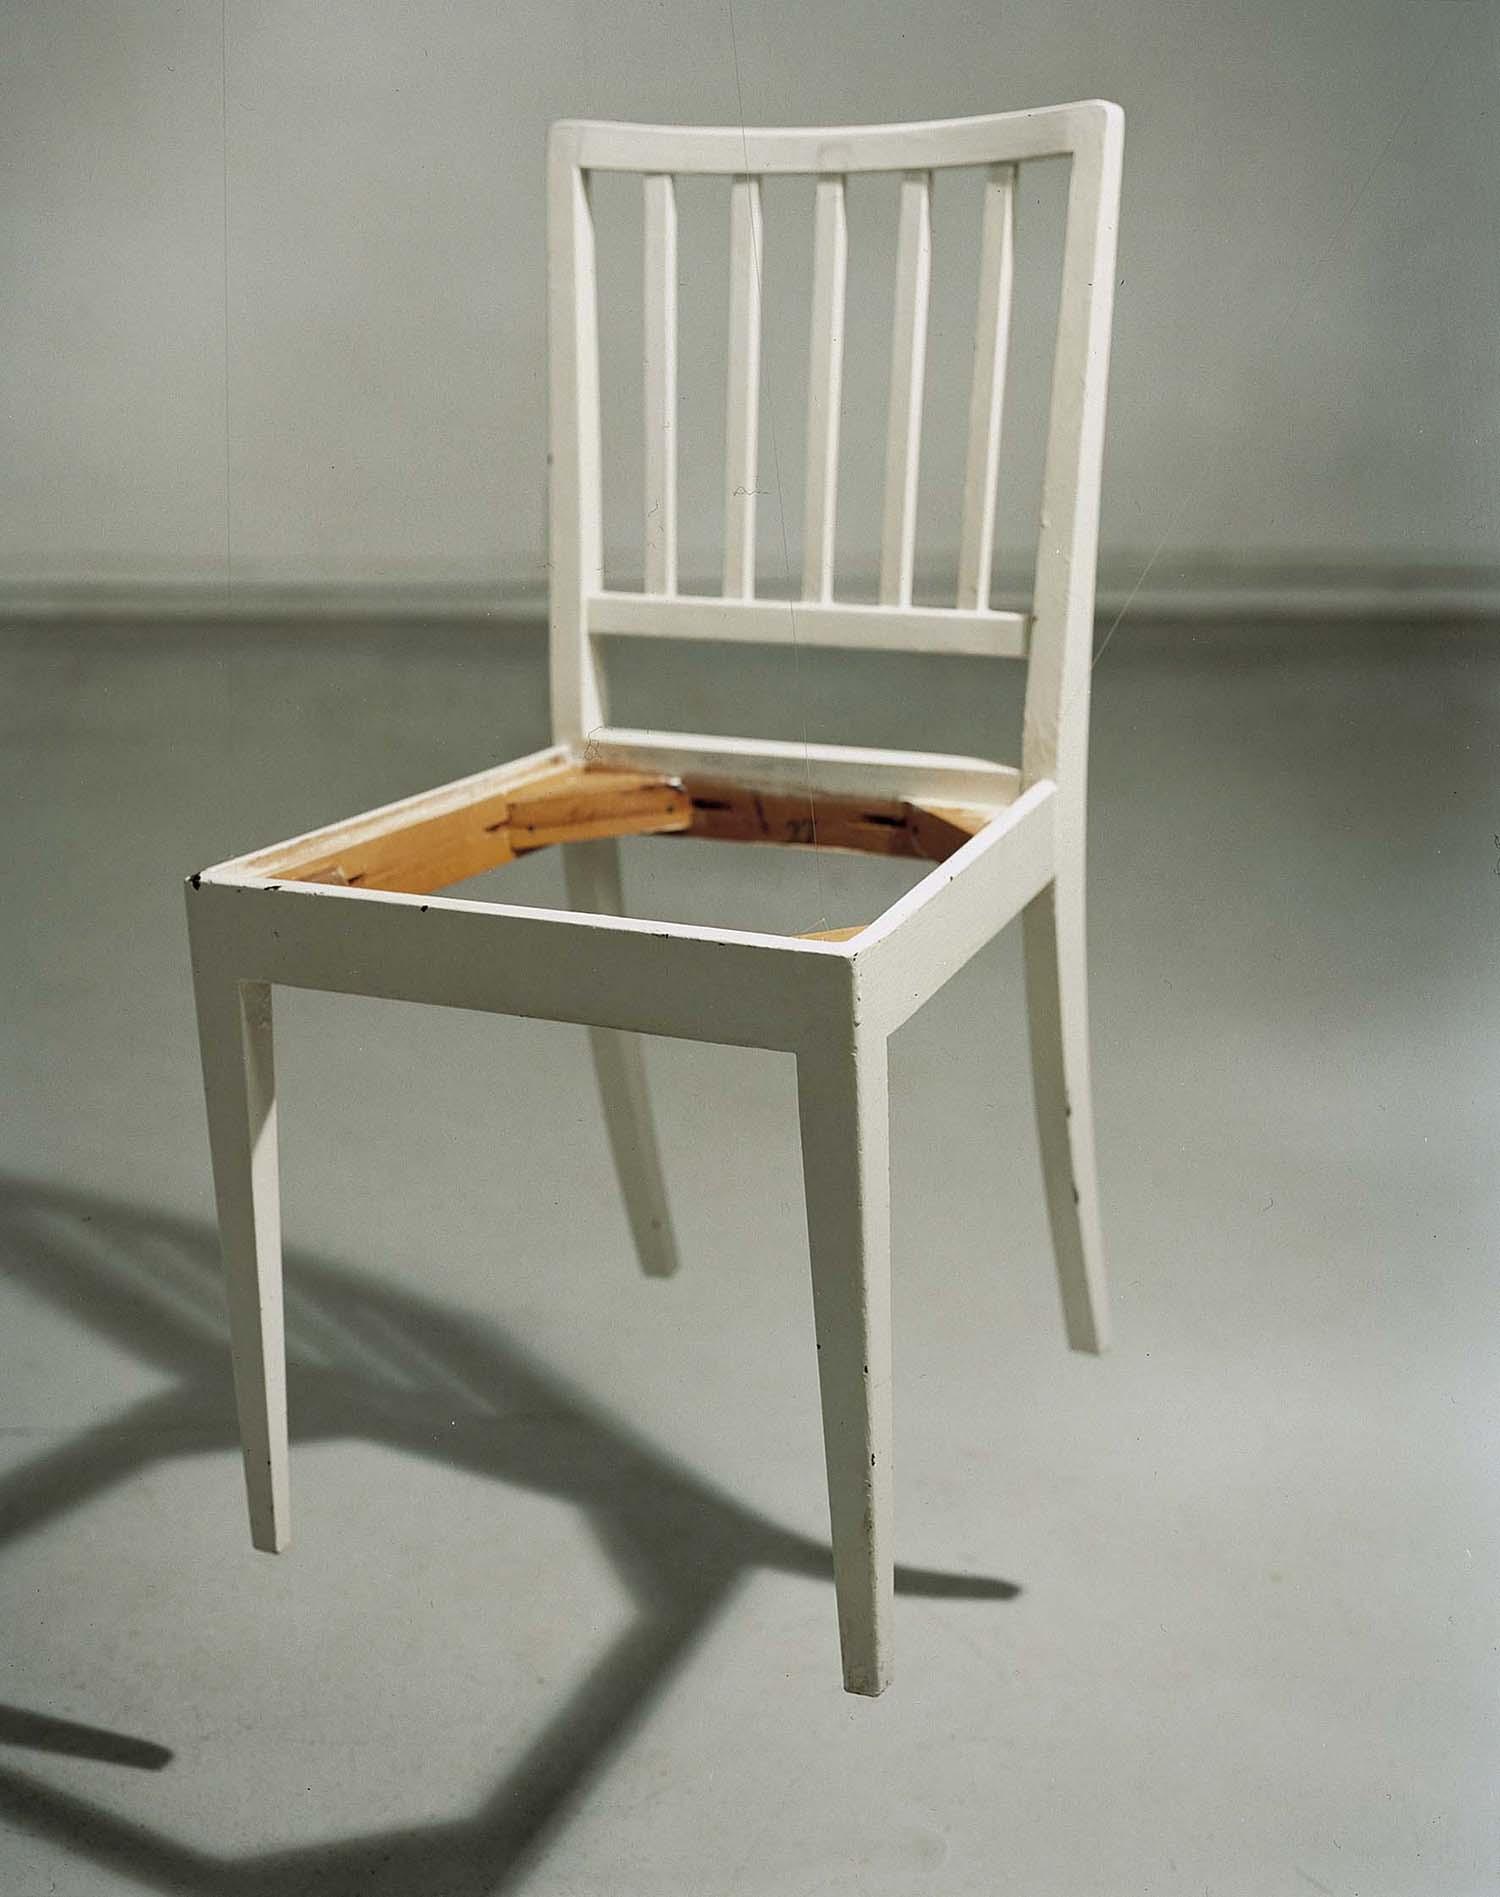 Annika von Hausswolff, Filosofisk stol, 2003. SMK.© Annika von Hausswolff.